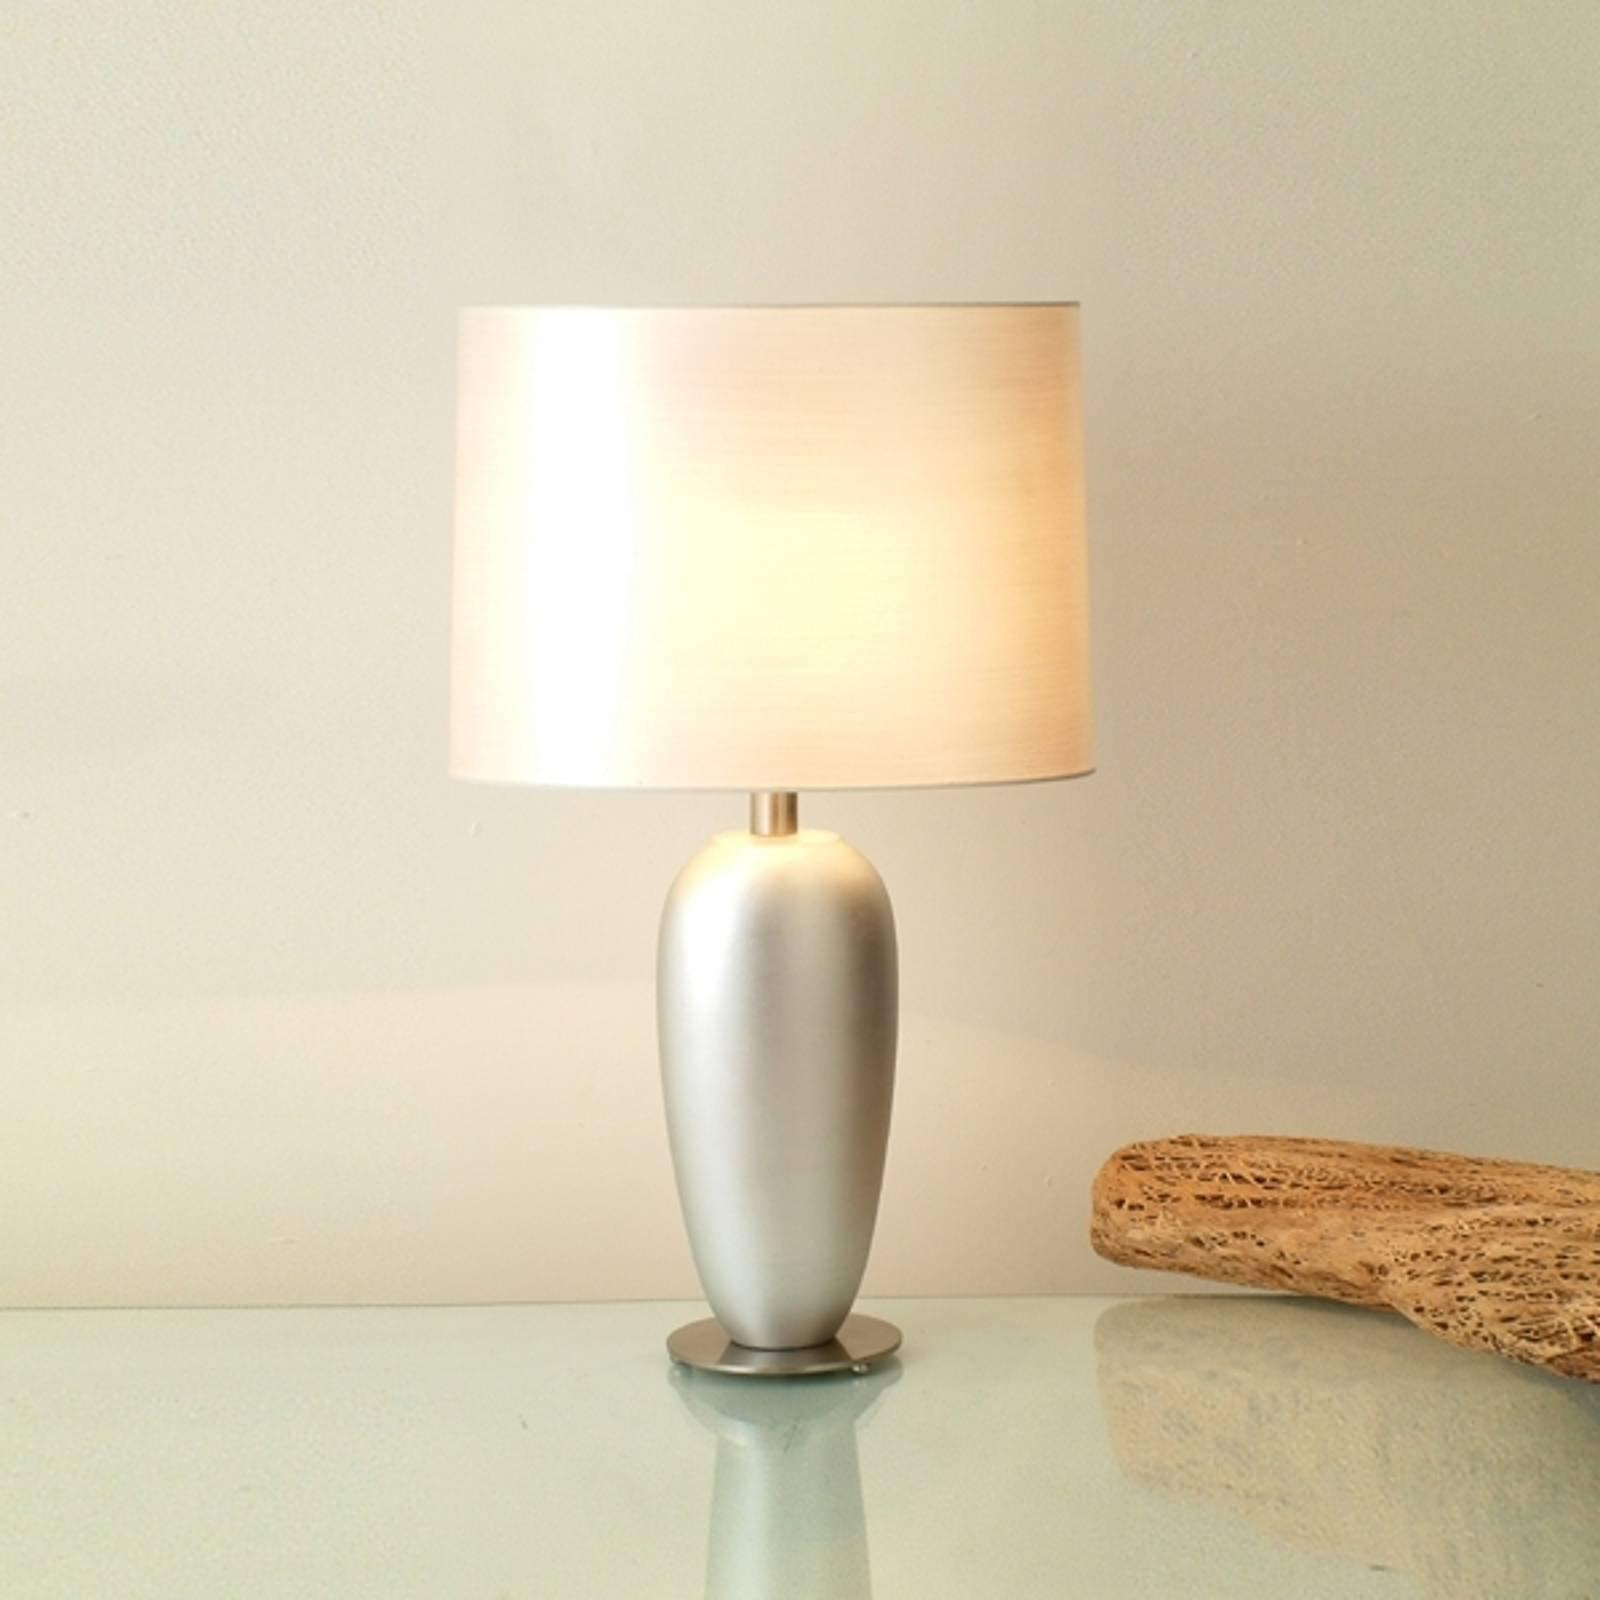 Sølvfarget LAMBDA bordlampe, høyde 65 cm